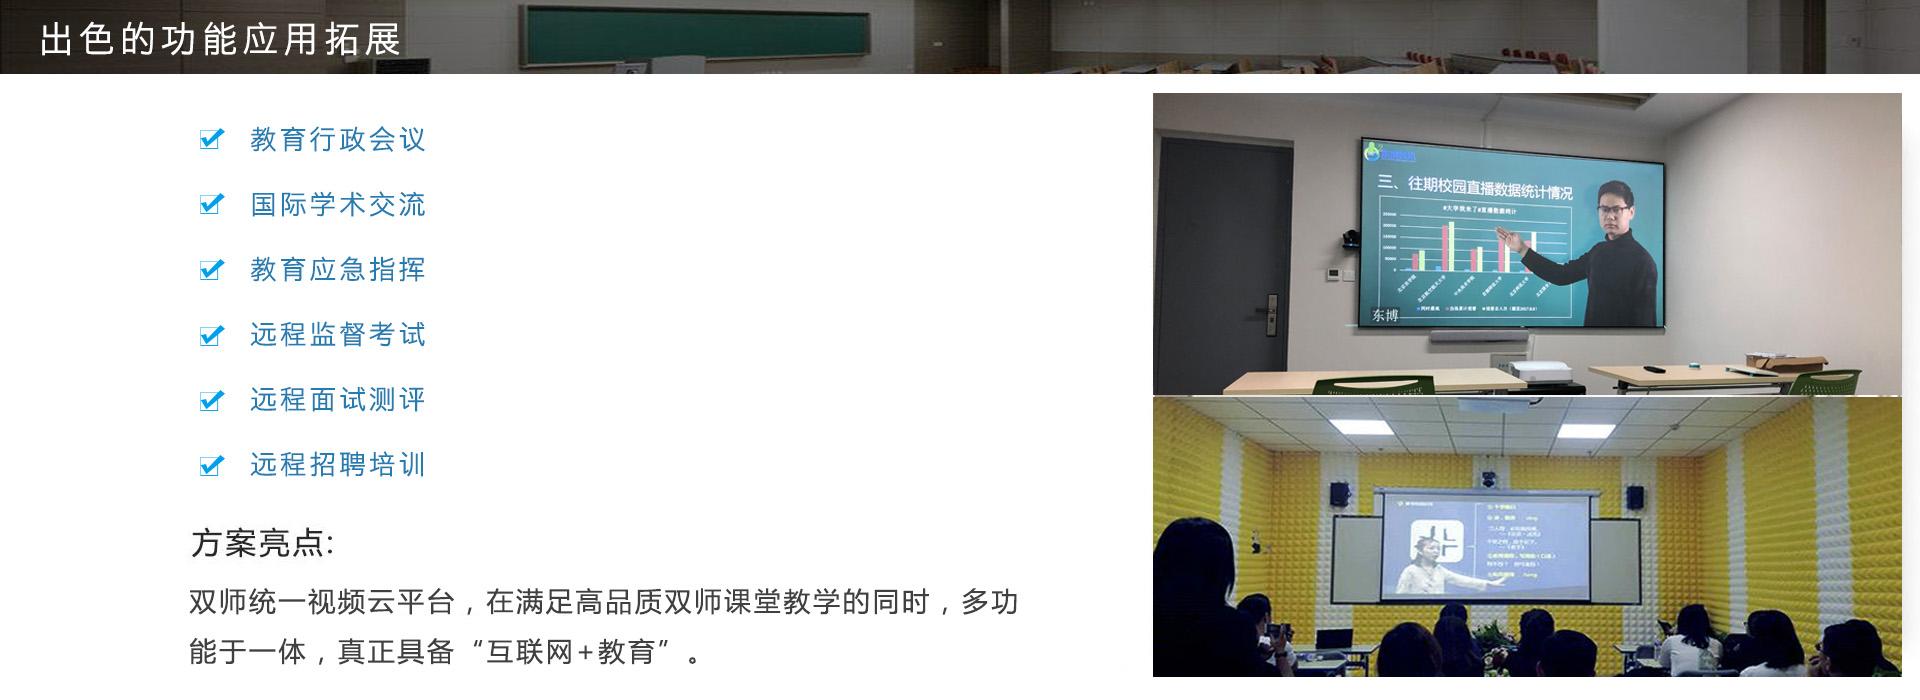 双师课堂出色的功能应用拓展.jpg